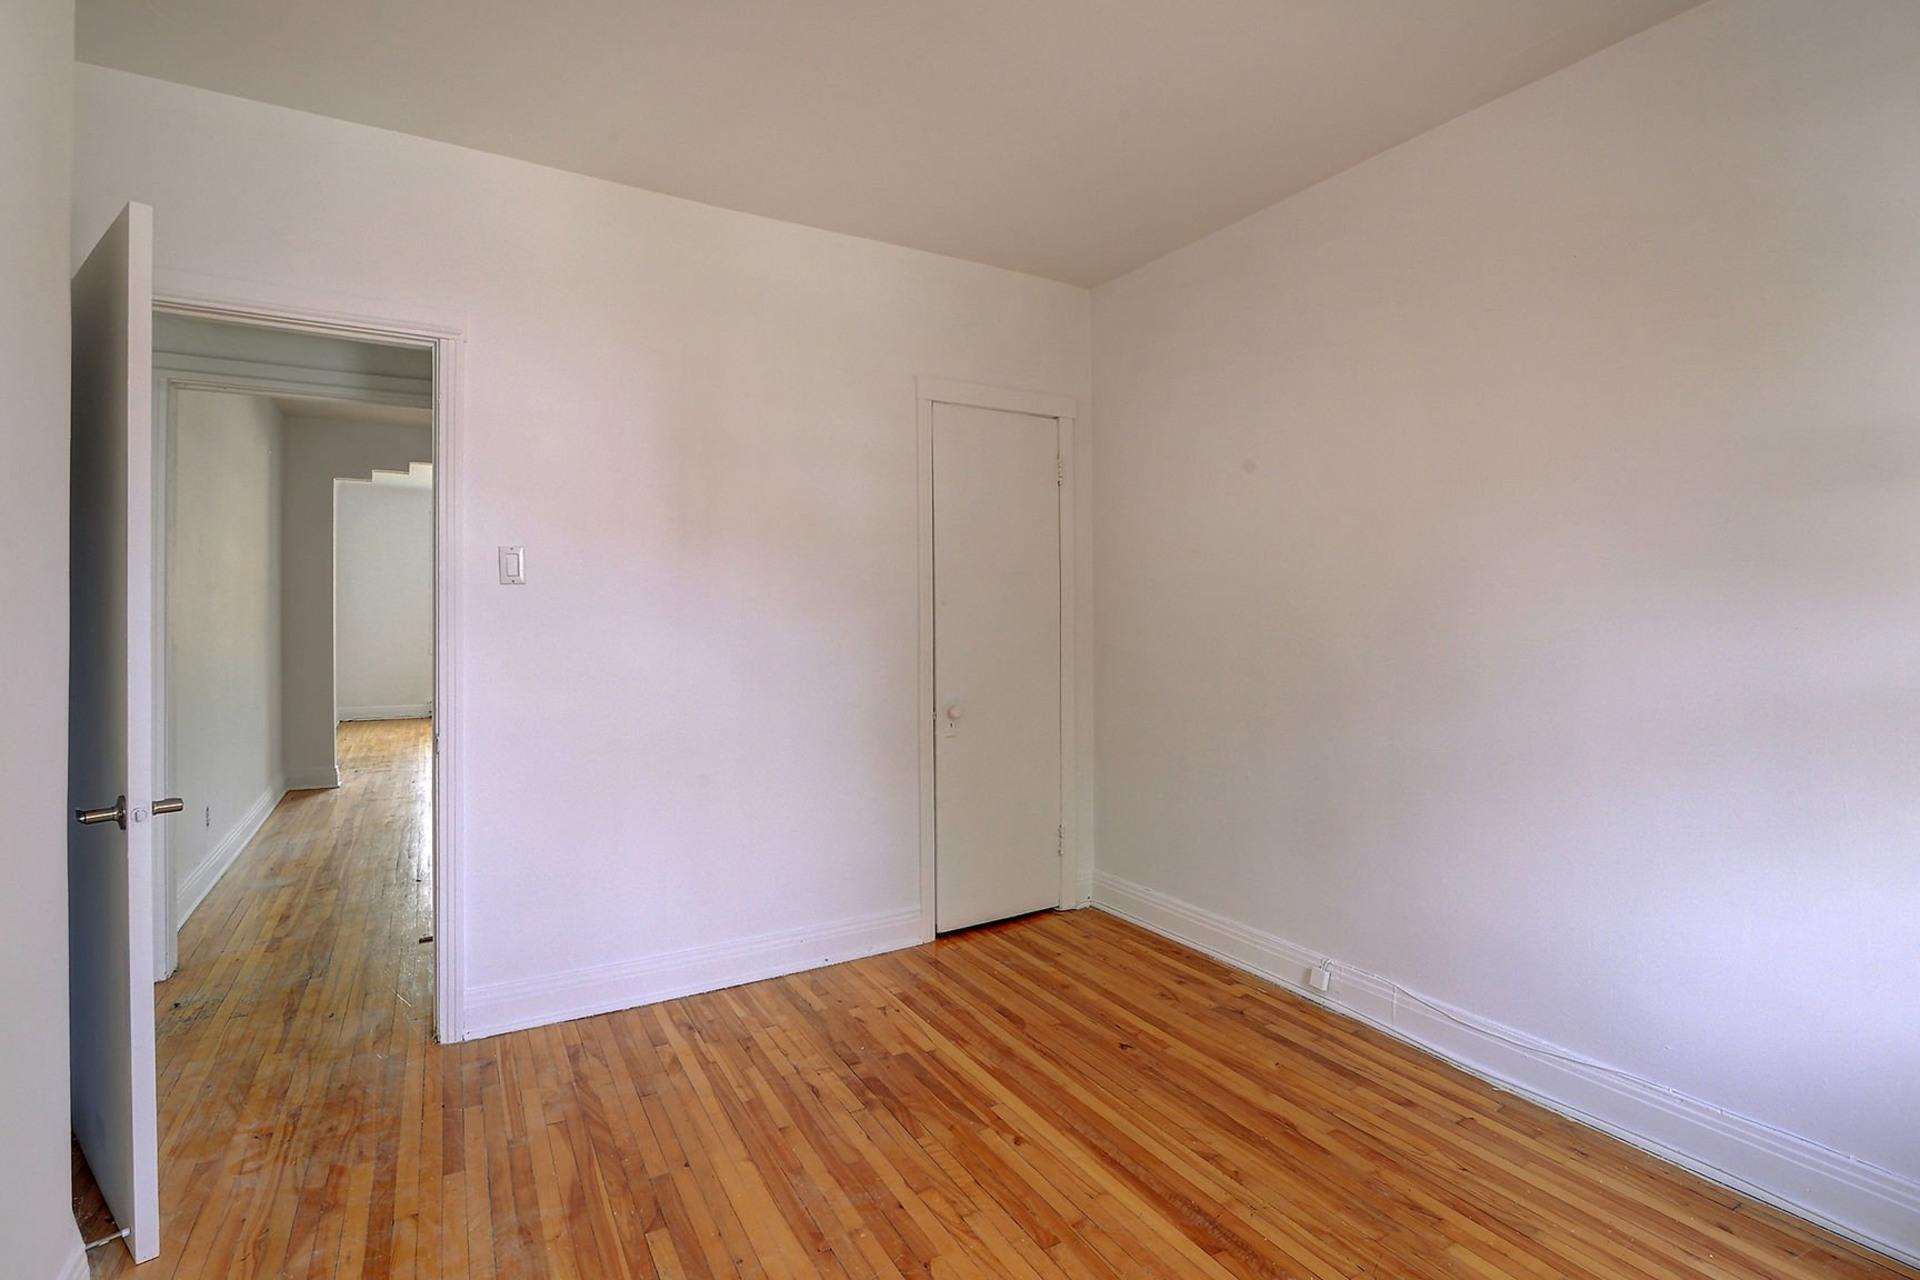 image 9 - Duplex For sale Verdun/Île-des-Soeurs Montréal  - 5 rooms